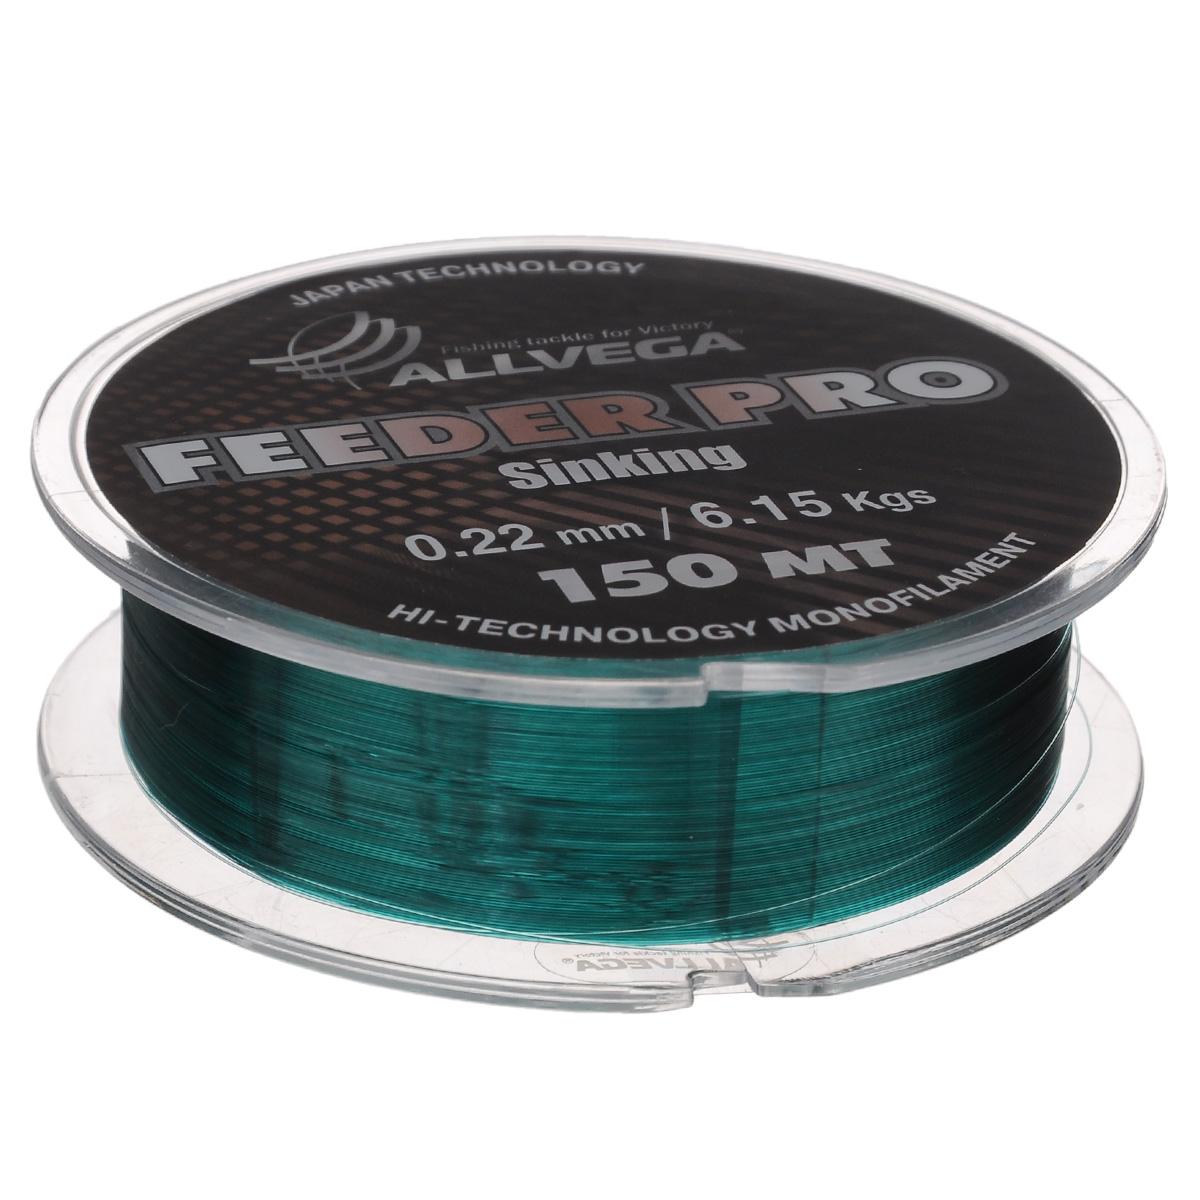 Леска Allvega Feeder Pro Sinking, цвет: темно-зеленый, 150 м, 0,22 мм, 6,15 кг39957Леска Allvega Feeder Pro Sinking предназначена для фидерной ловли. Обладает всеми необходимыми характеристиками для фидерной ловли. Это - повышенная стойкость к перетиранию о бровки, камни и ракушечник, отлично тонет, имеет малую растяжимость, окрашена в темно-зеленый цвет. Может с успехом использоваться в матчевой ловле и при ловле на зимнюю поплавочную удочку.